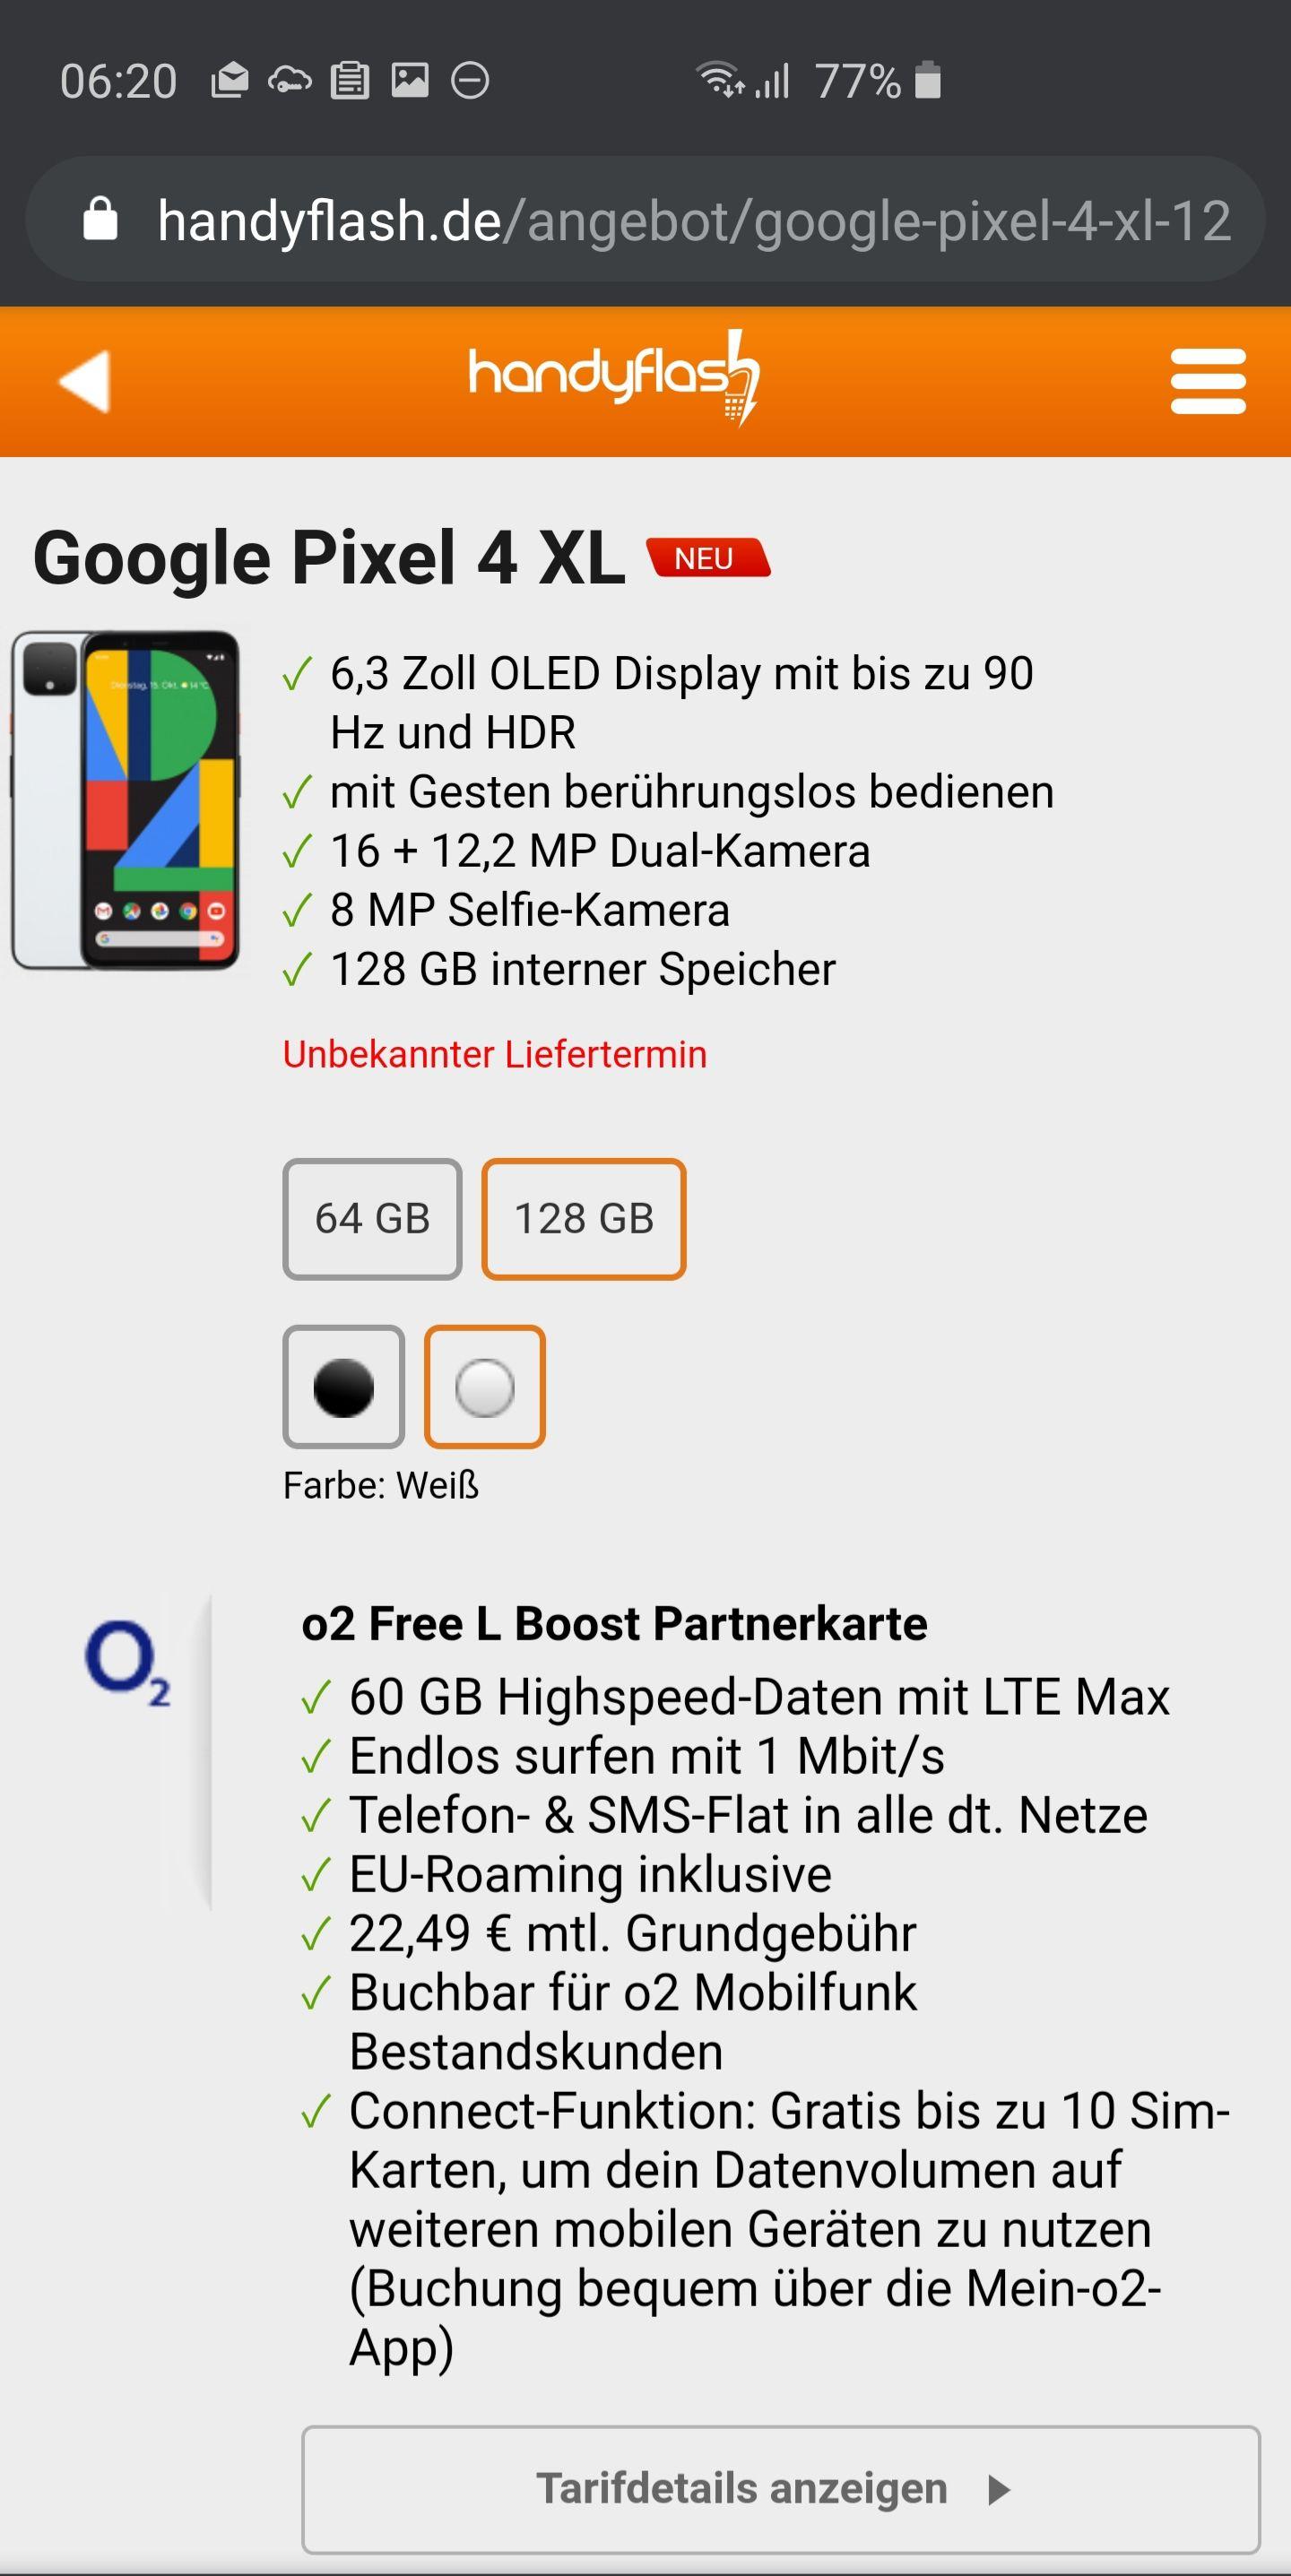 Google Pixel 4 XL mit 128 GB